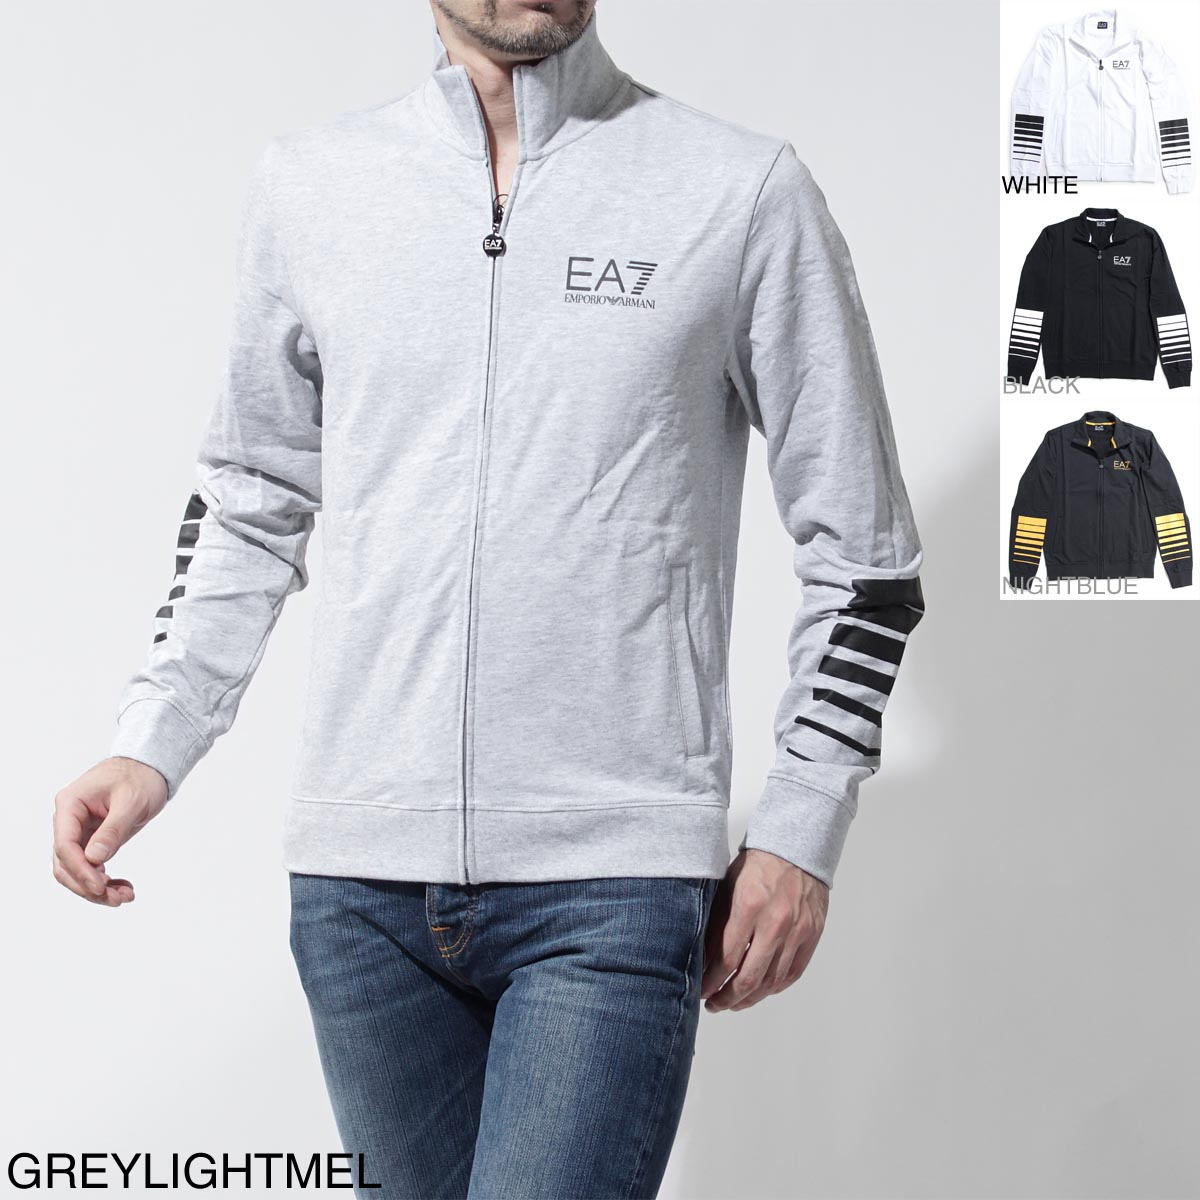 Emporio Armani EA7 EMPORIO ARMANI truck jacket 3ypm88 pj05z men